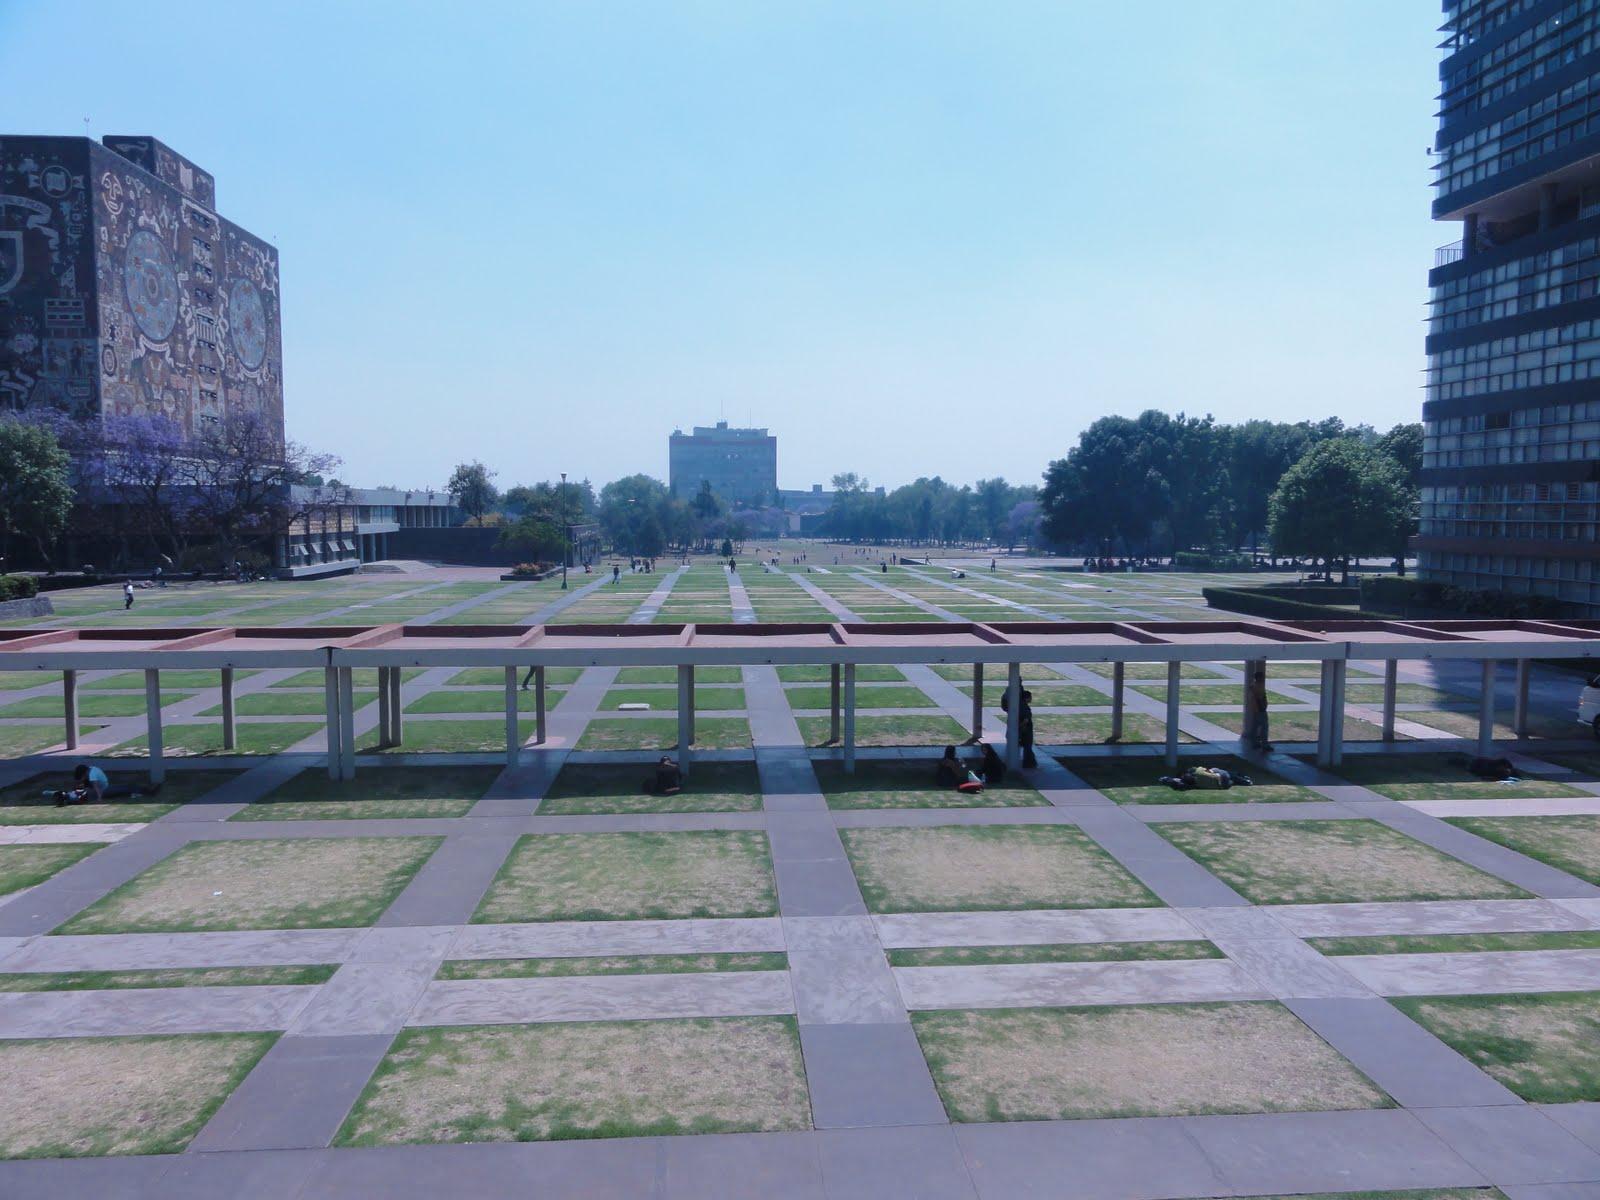 Teor a de la arquitectura un recorrido visual vision del for Dimensiones de espacios arquitectonicos